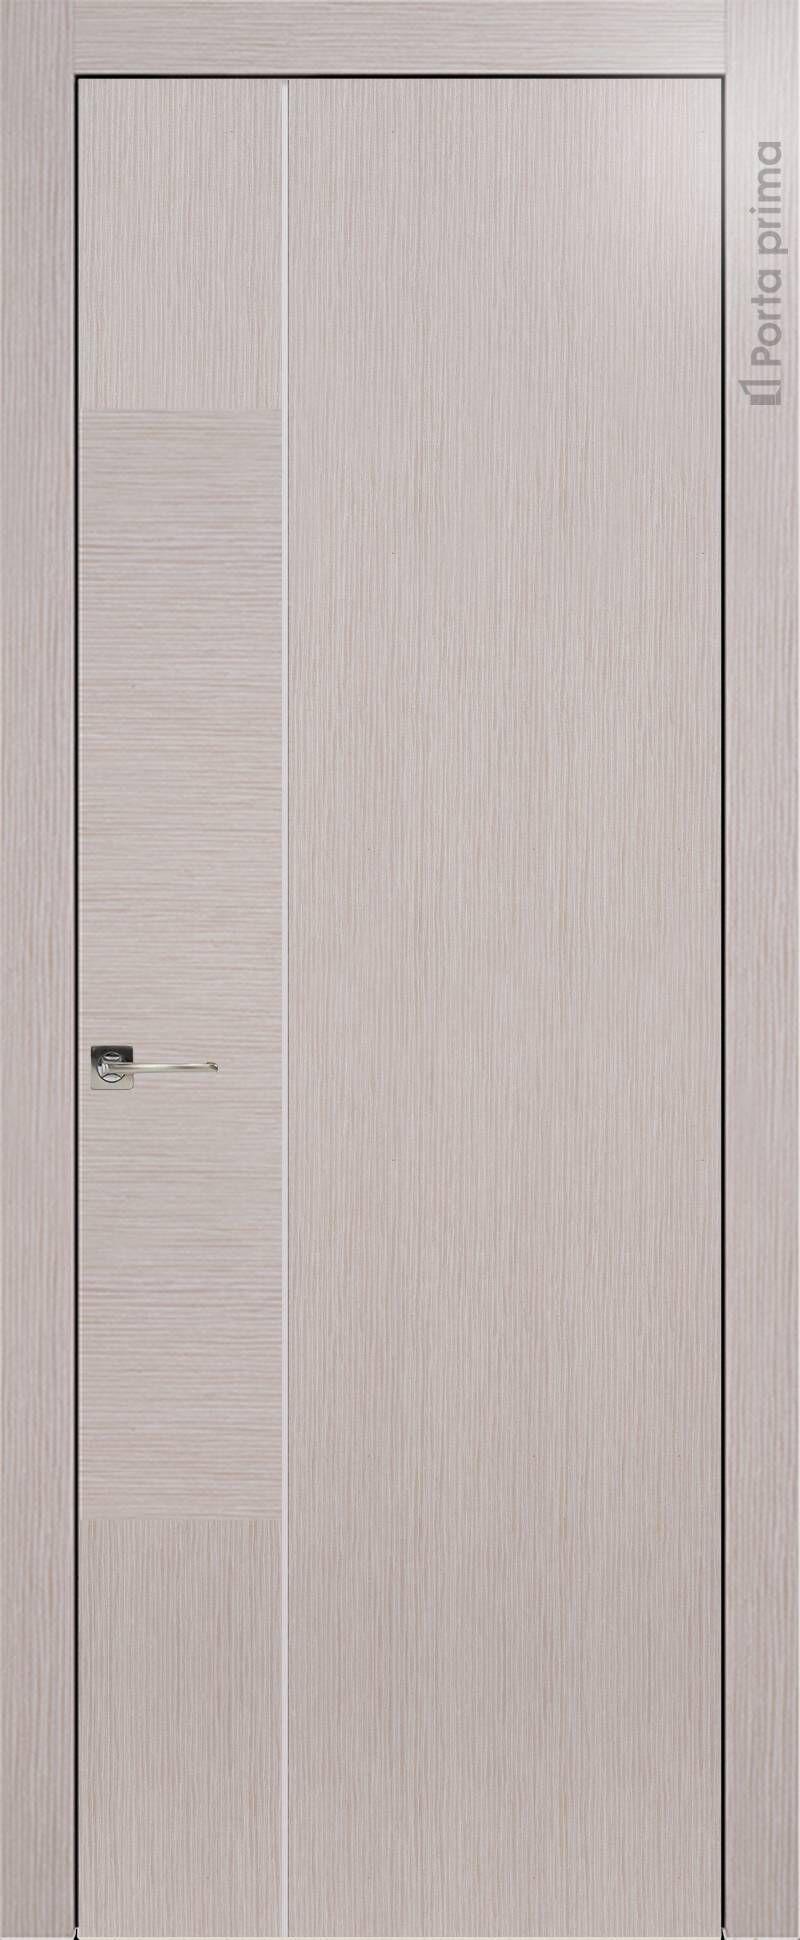 Tivoli В-1 цвет - Дымчатый дуб Без стекла (ДГ)